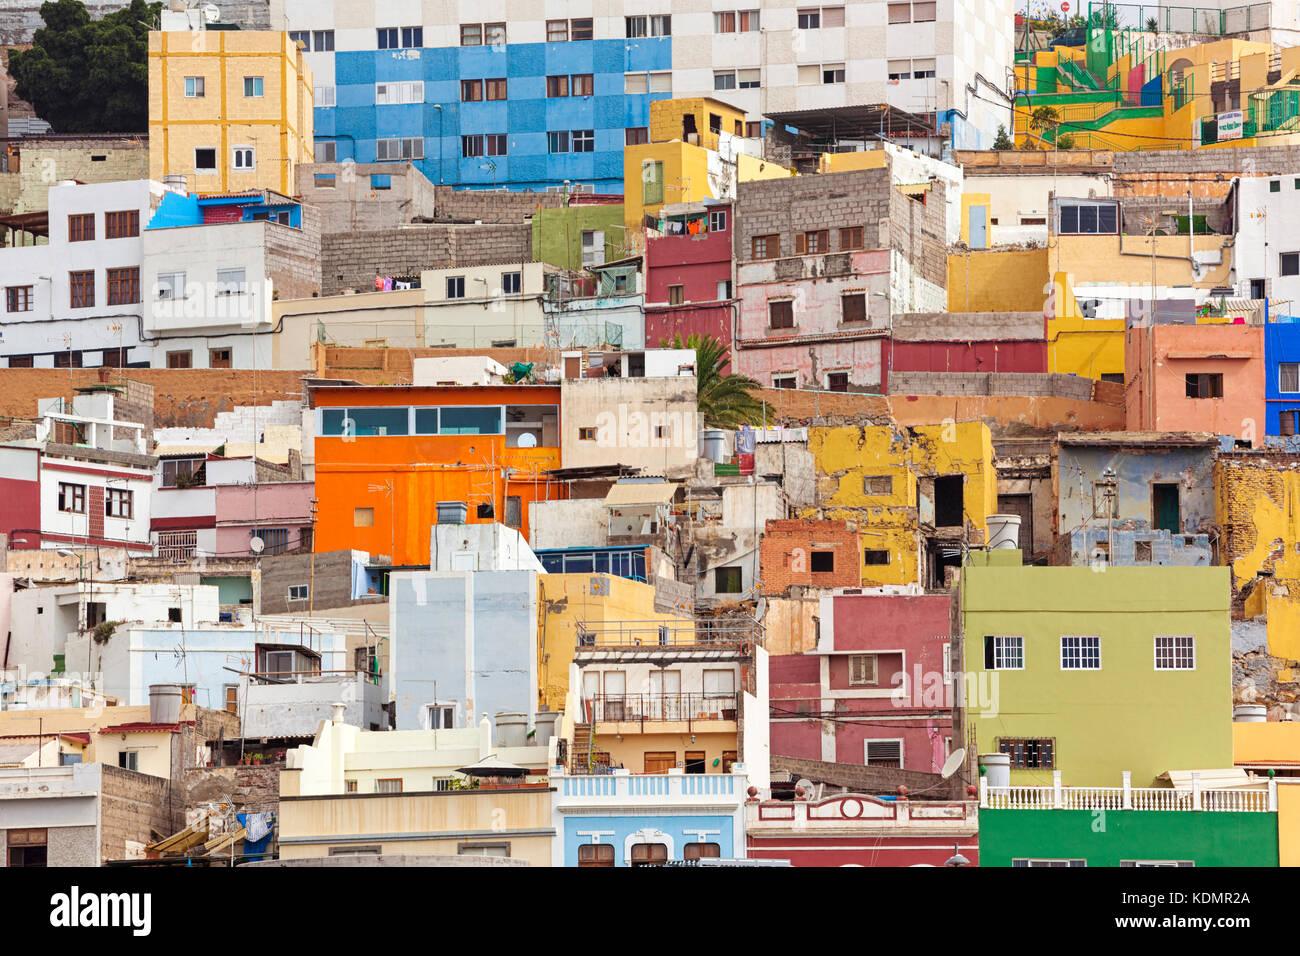 Bunte Häuser in einem Wohngebiet auf einem Hügel in las palmas de gran canaria Stockbild